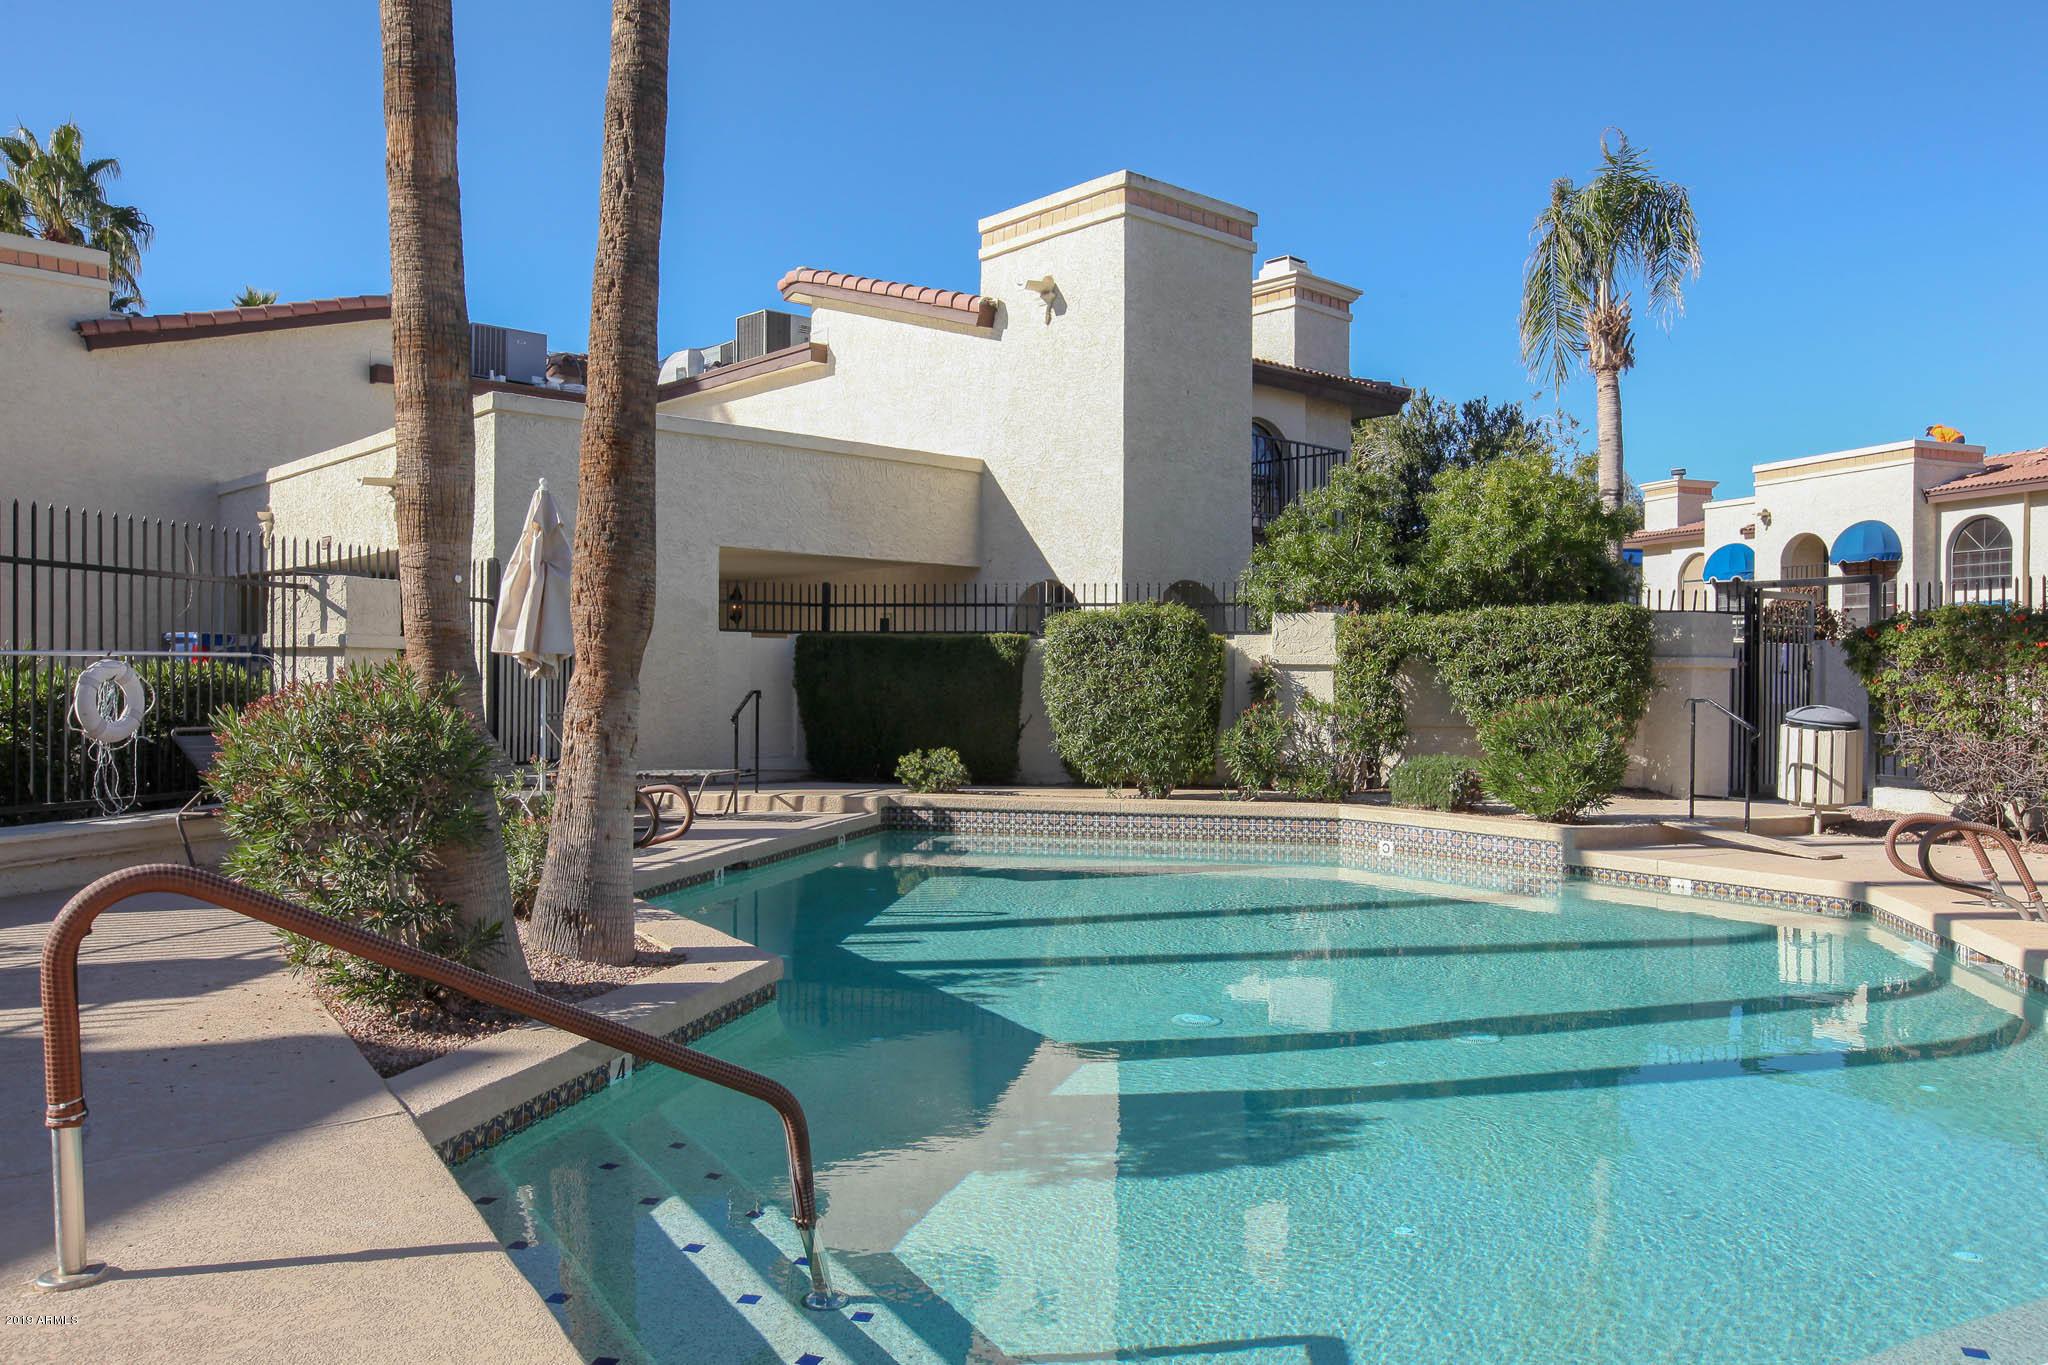 MLS 5864165 4817 E HAZEL Drive Unit 3, Phoenix, AZ 85044 Phoenix AZ Pointe South Mountain